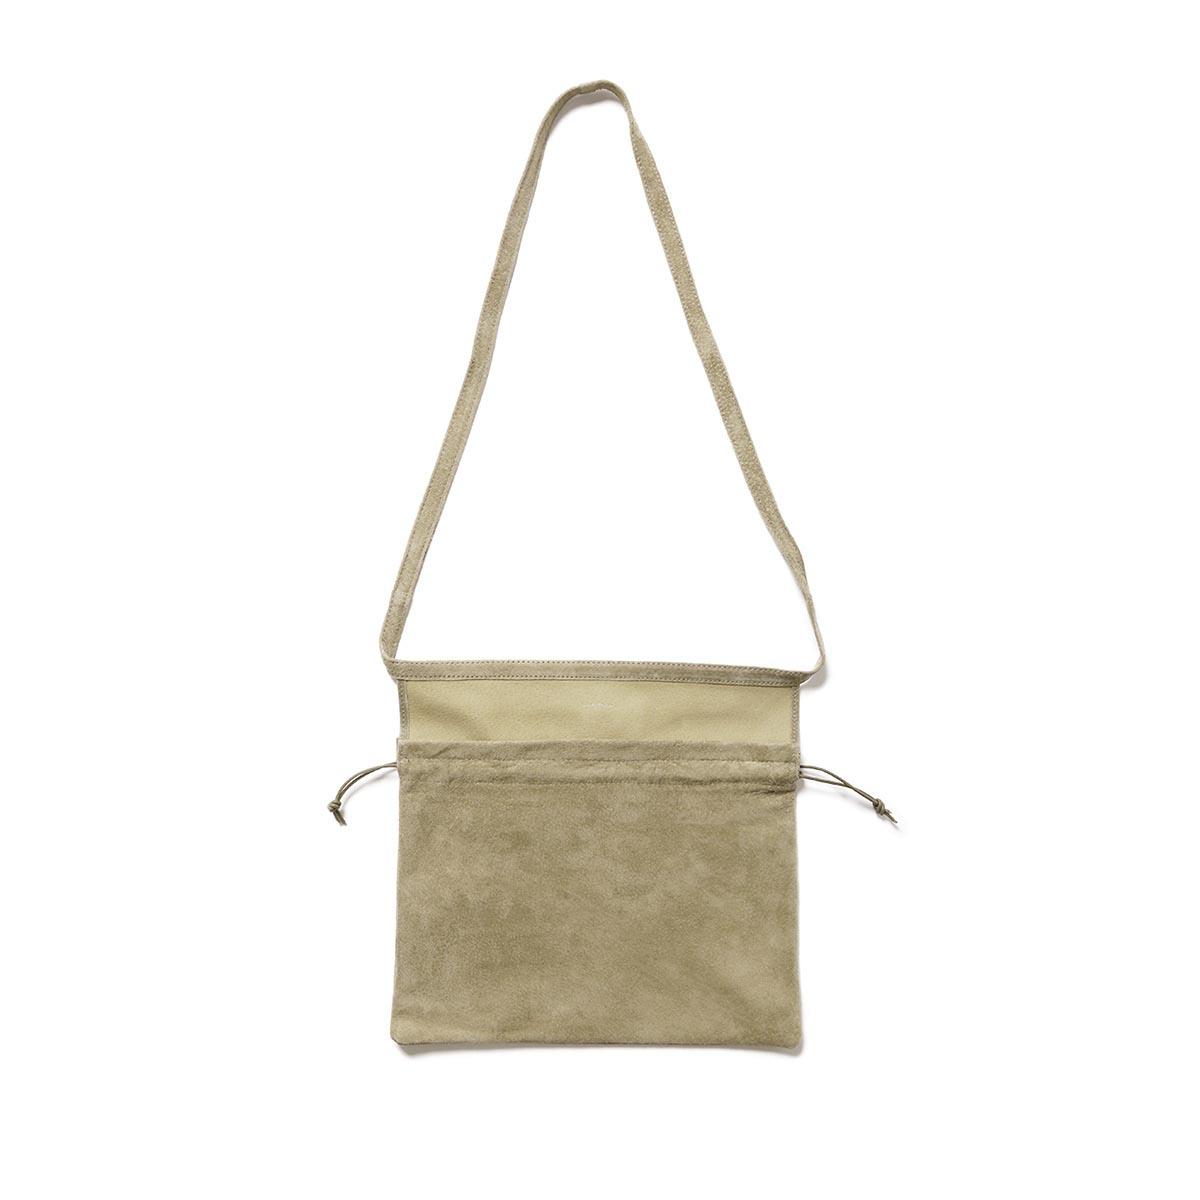 Hender Scheme / red cross bag small -Khaki